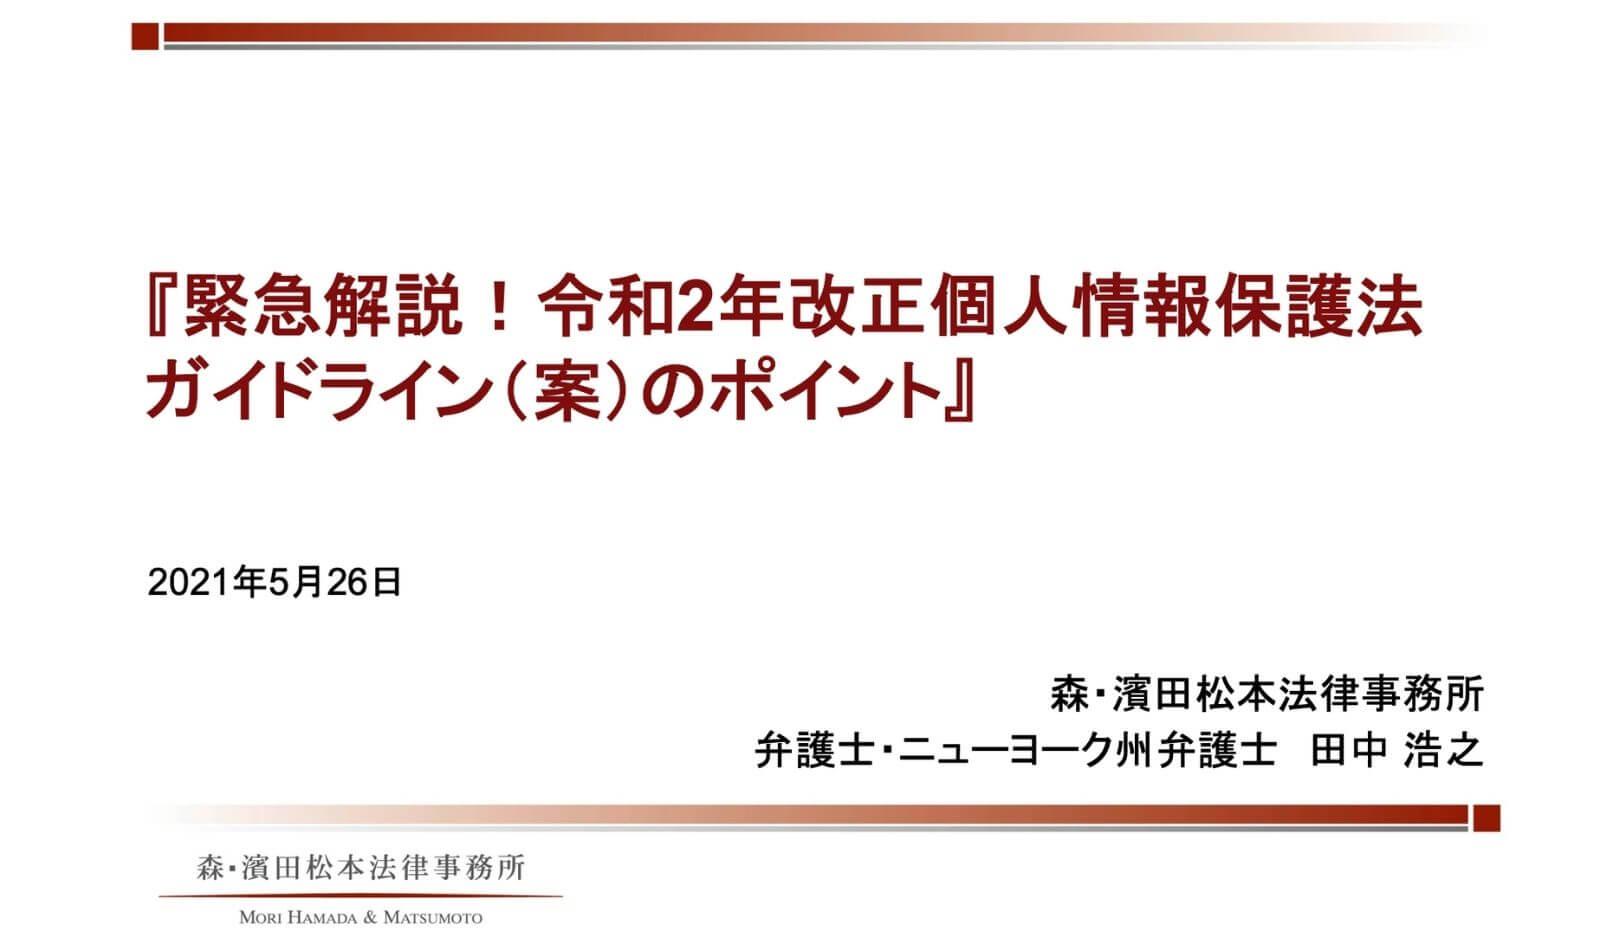 緊急解説!令和2年改正個人情報保護法ガイドライン(案)のポイント